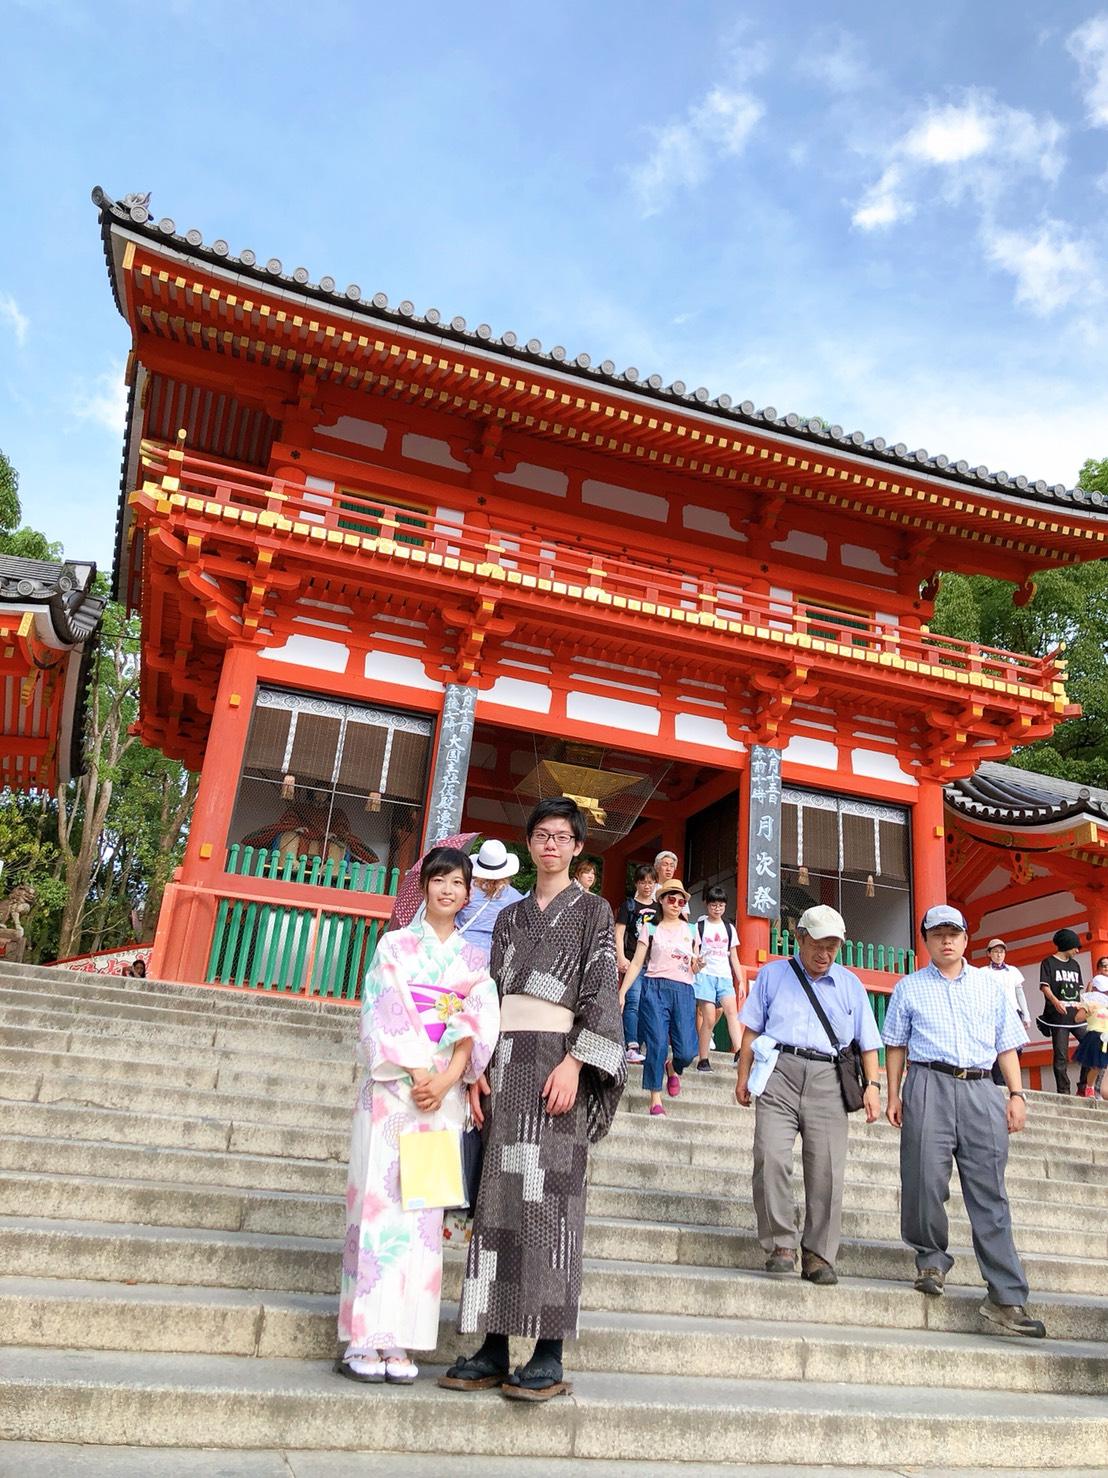 夏休みに京都で浴衣レンタル♪2019年8月12日11